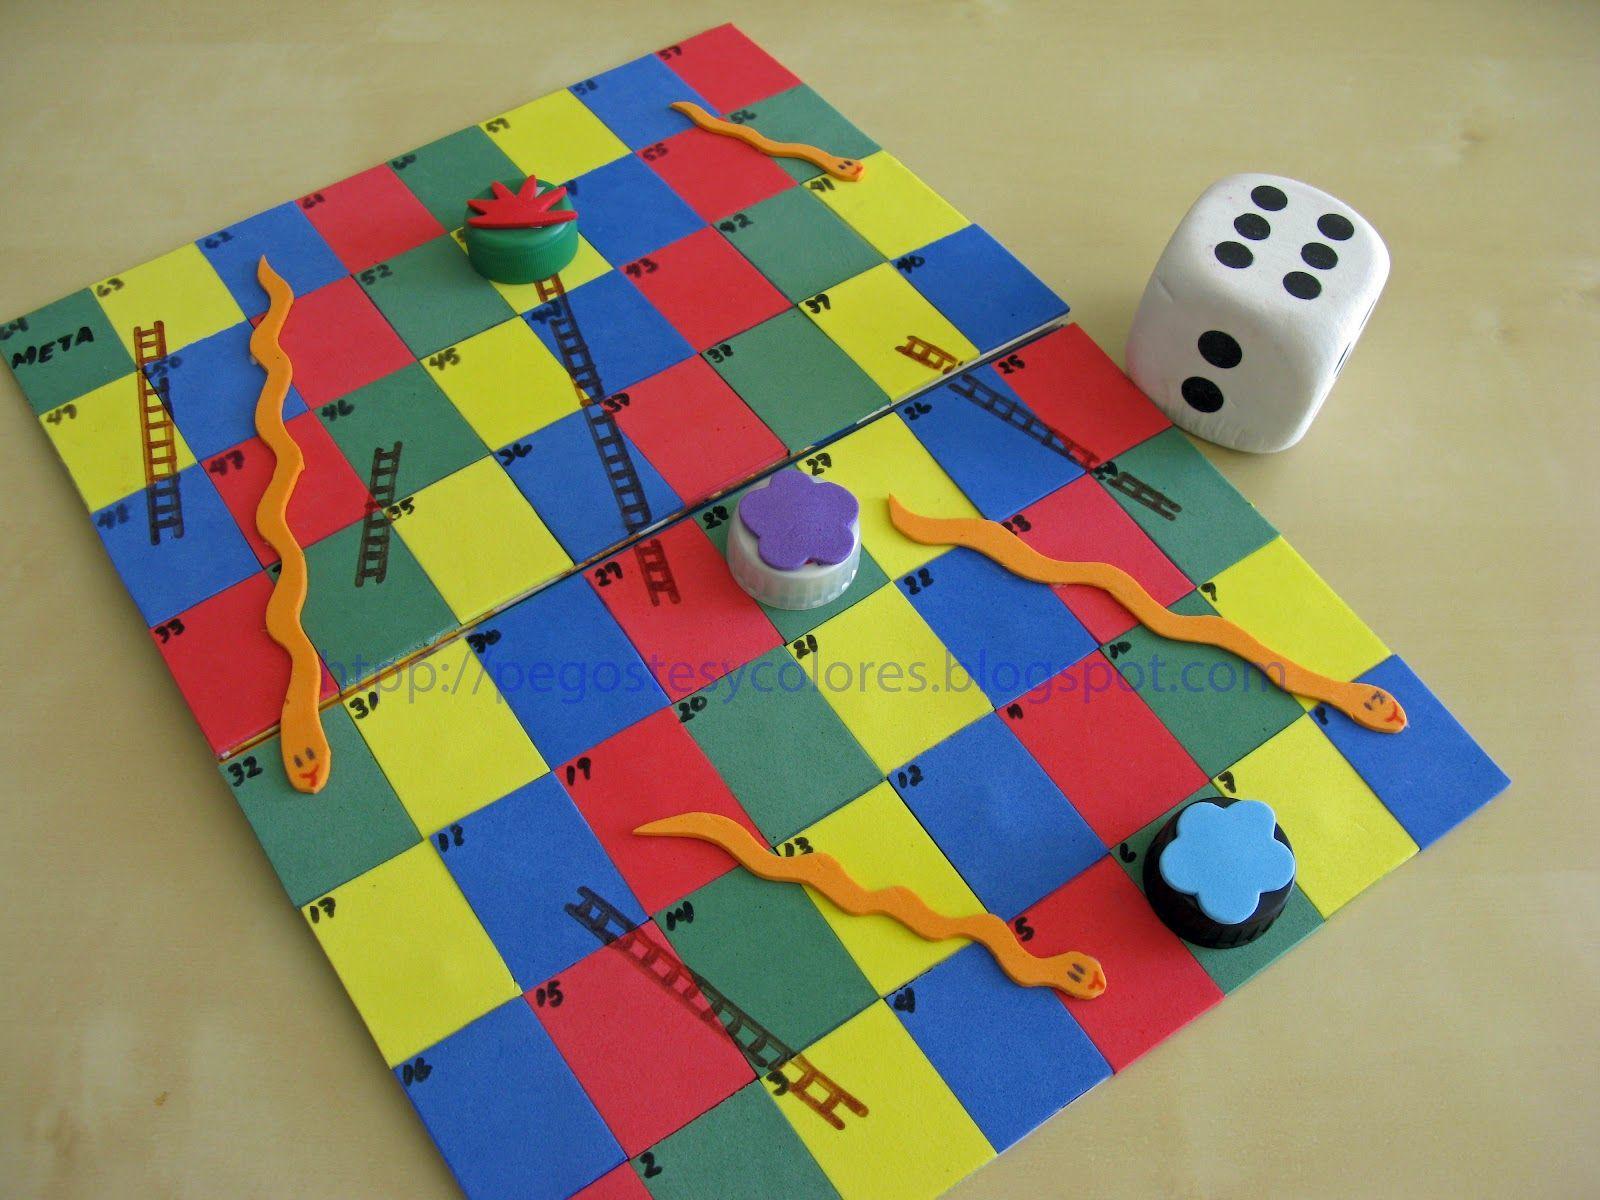 Juego de serpientes y escaleras con hecho con foamy for Escaleras y serpientes imprimir